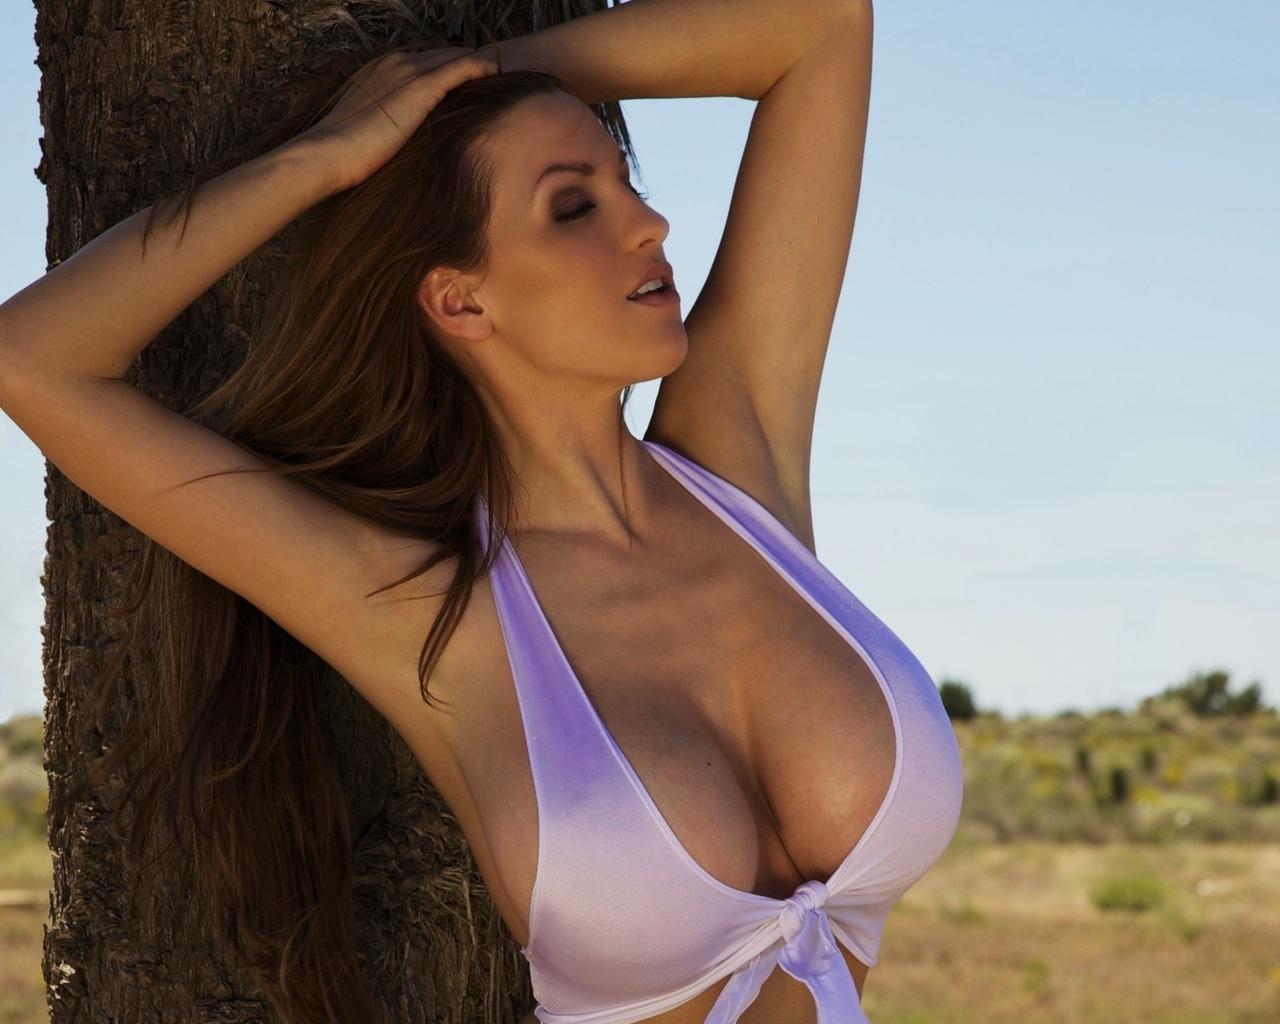 Фото жён с большими грудями, Фото голых жен с большими сиськами частное порно 22 фотография